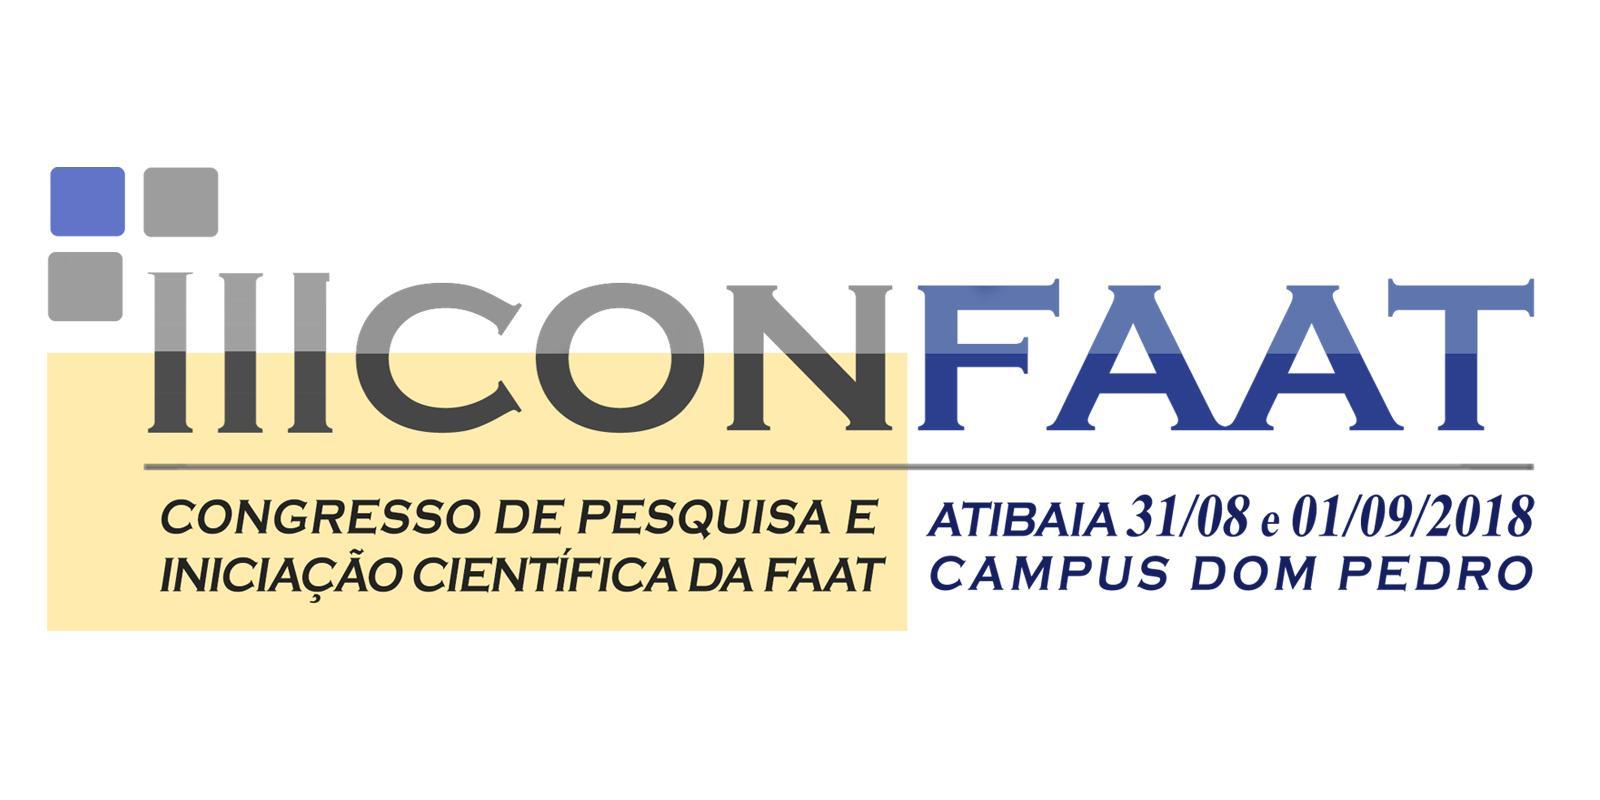 Estão abertas as inscrições para o III Congresso de Pesquisa e Iniciação Científica da FAAT